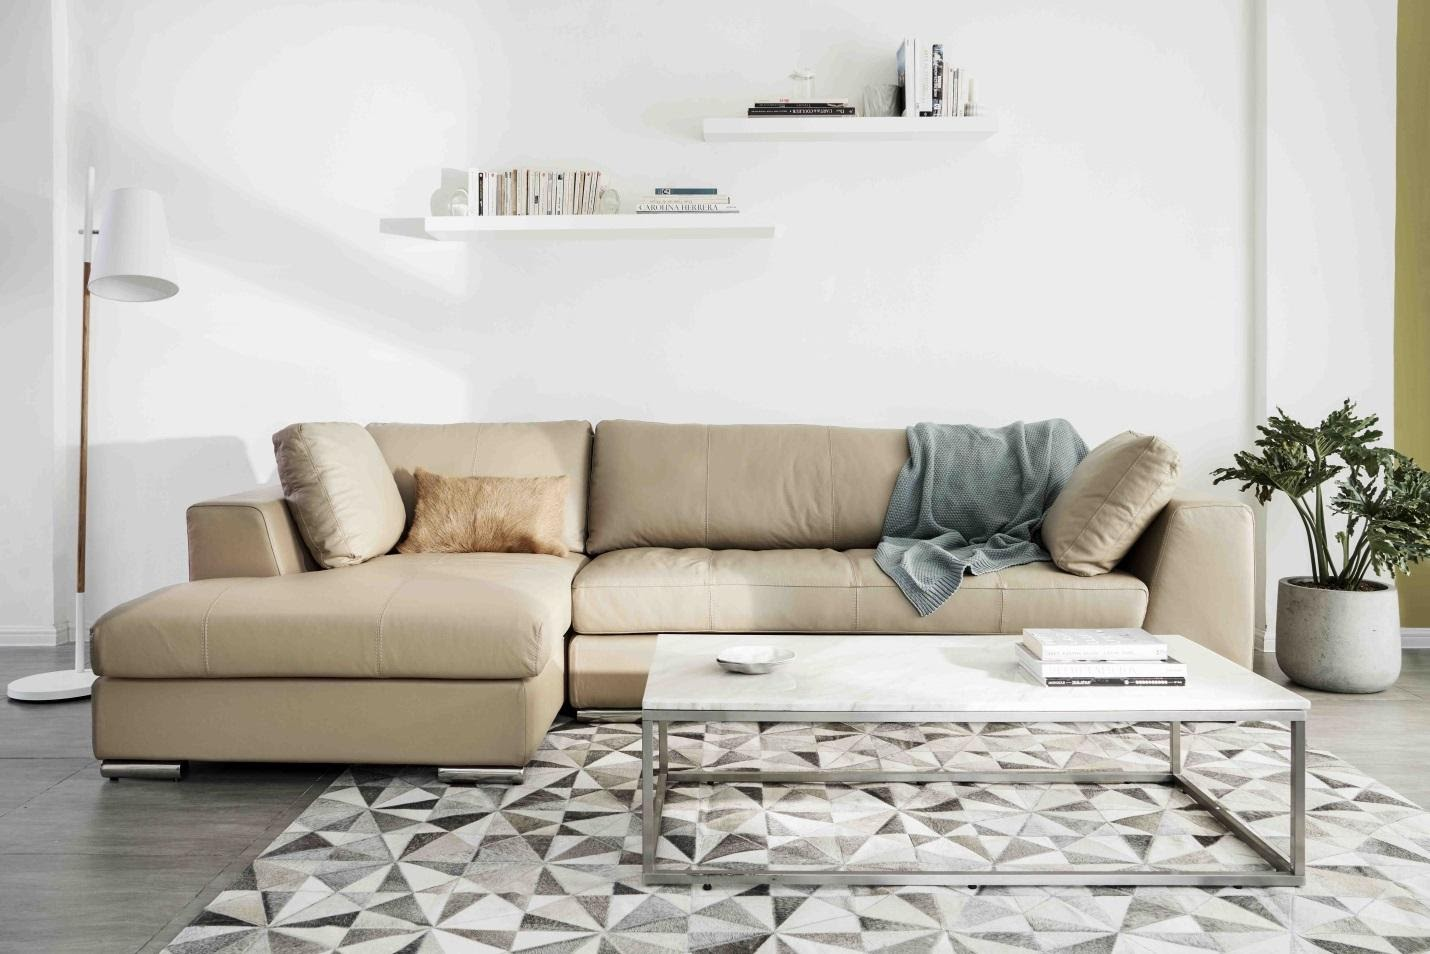 Một bộ sofa với màu sắc và kiểu dáng tối giản giúp không gian thêm phần sang trọng